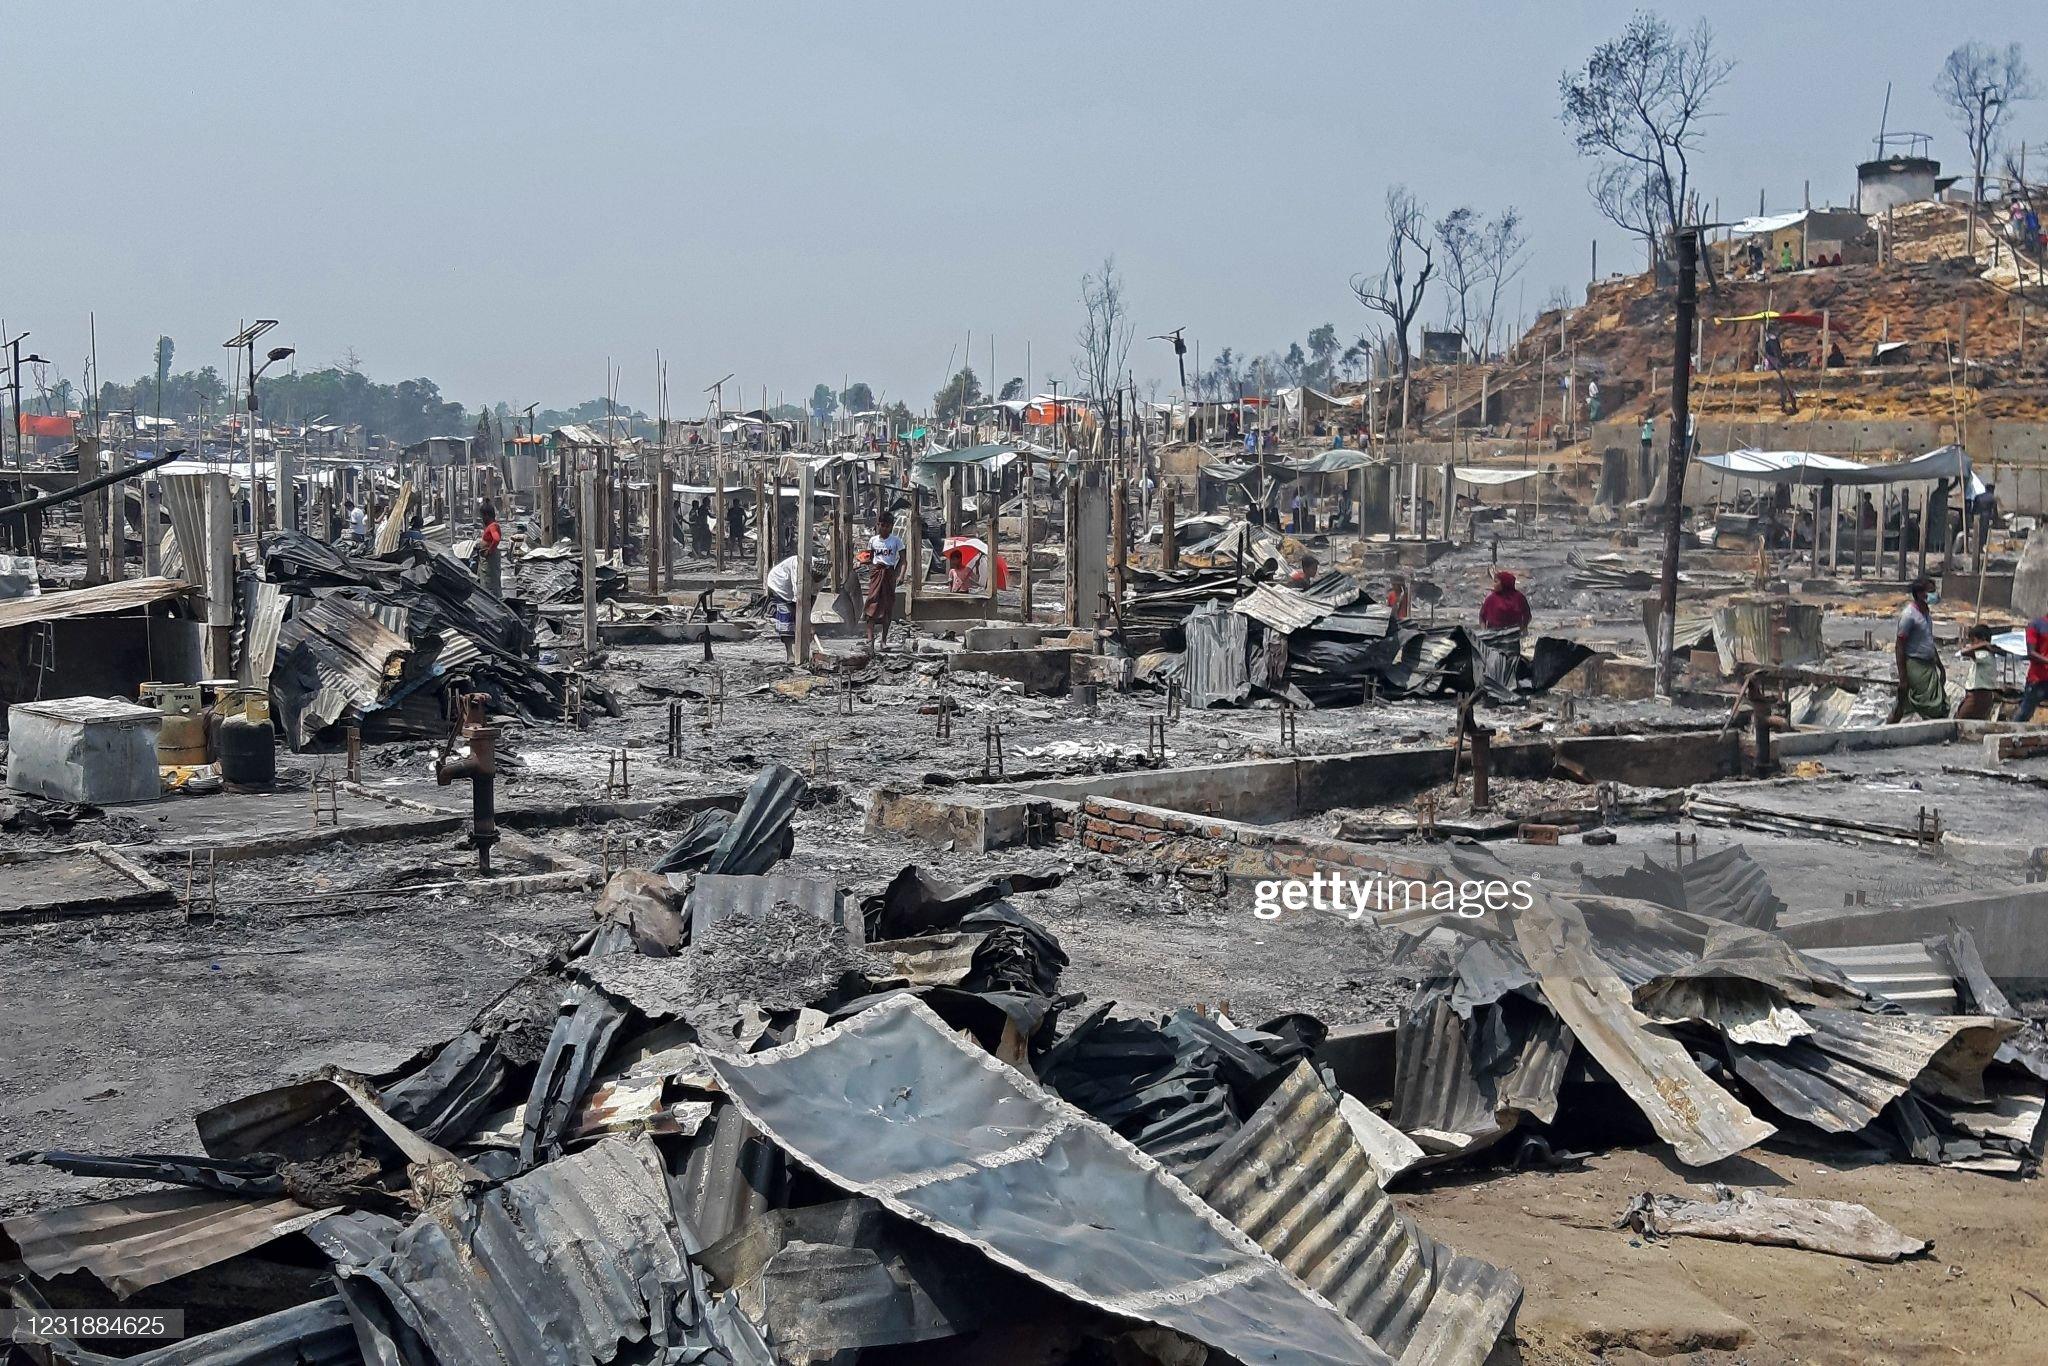 TOPSHOT-BANGLADESH-FIRE-REFUGEE-ROHINGYA : News Photo